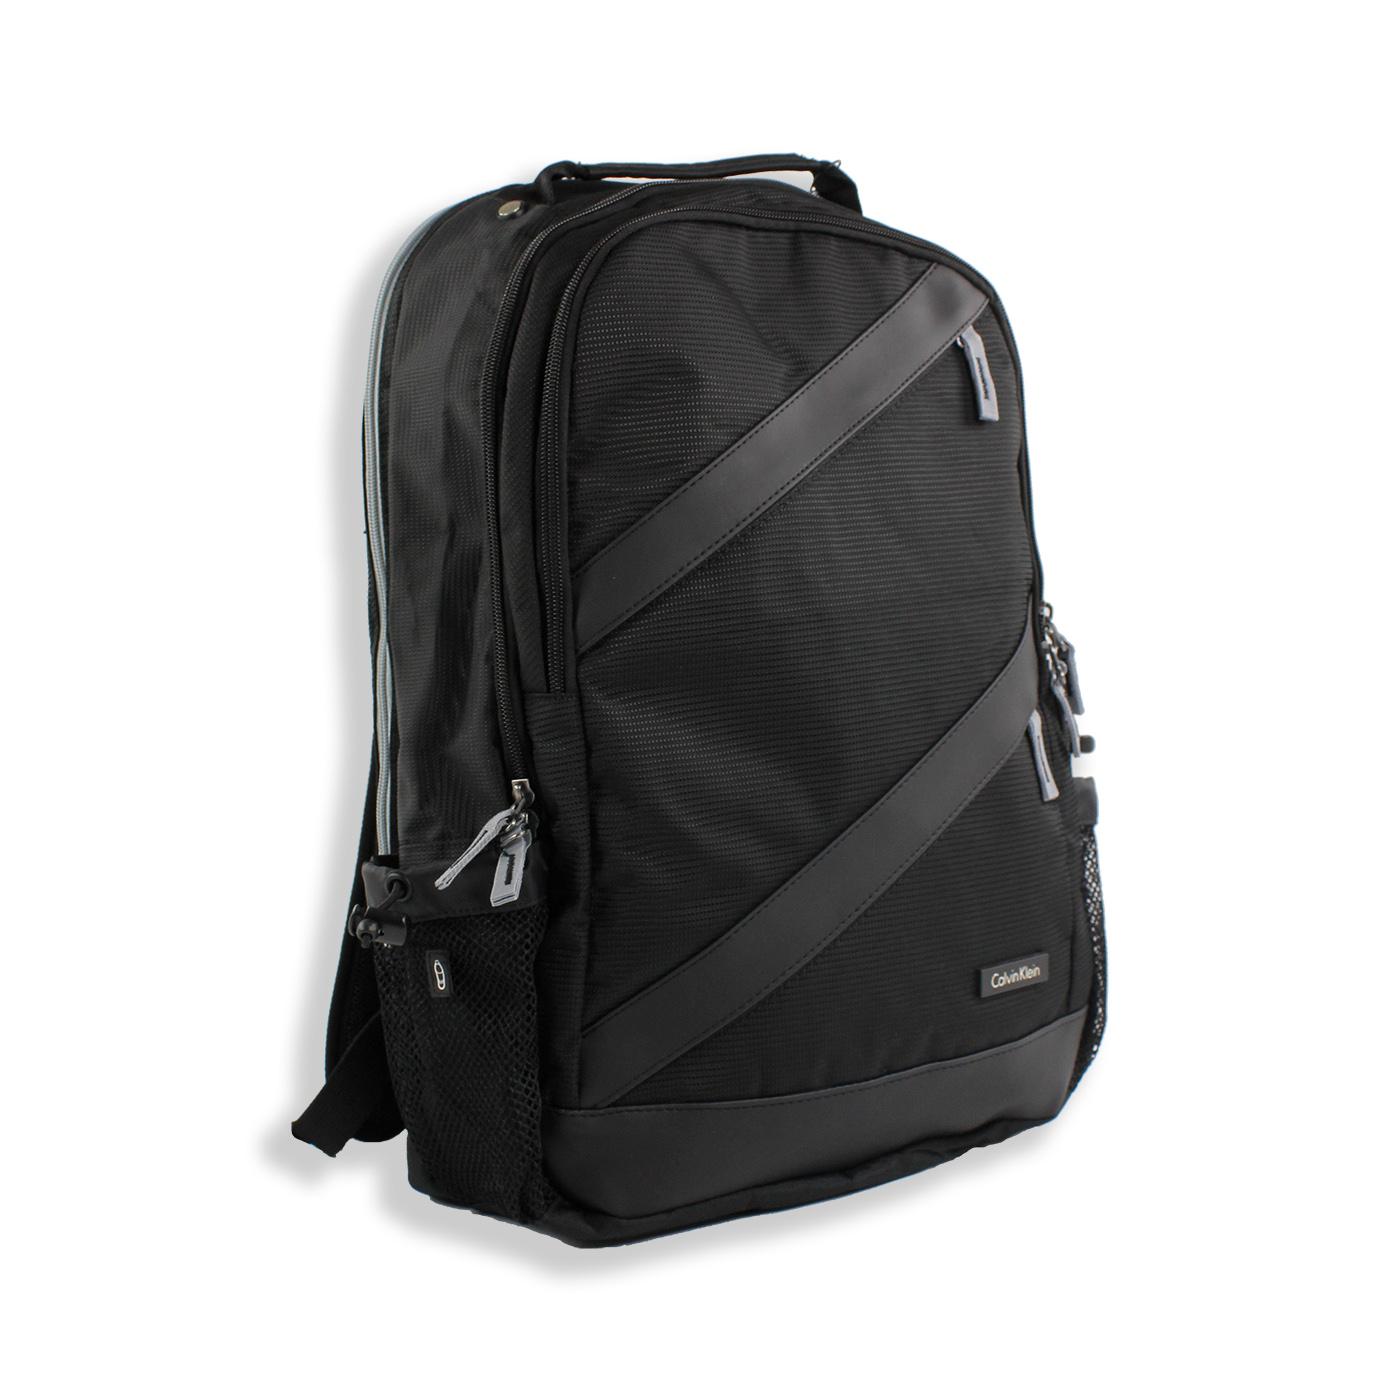 美國百分百【全新真品】Calvin Klein 後背包 公事包 電腦包 上班 通勤 上課 旅行 CK 黑色 F761